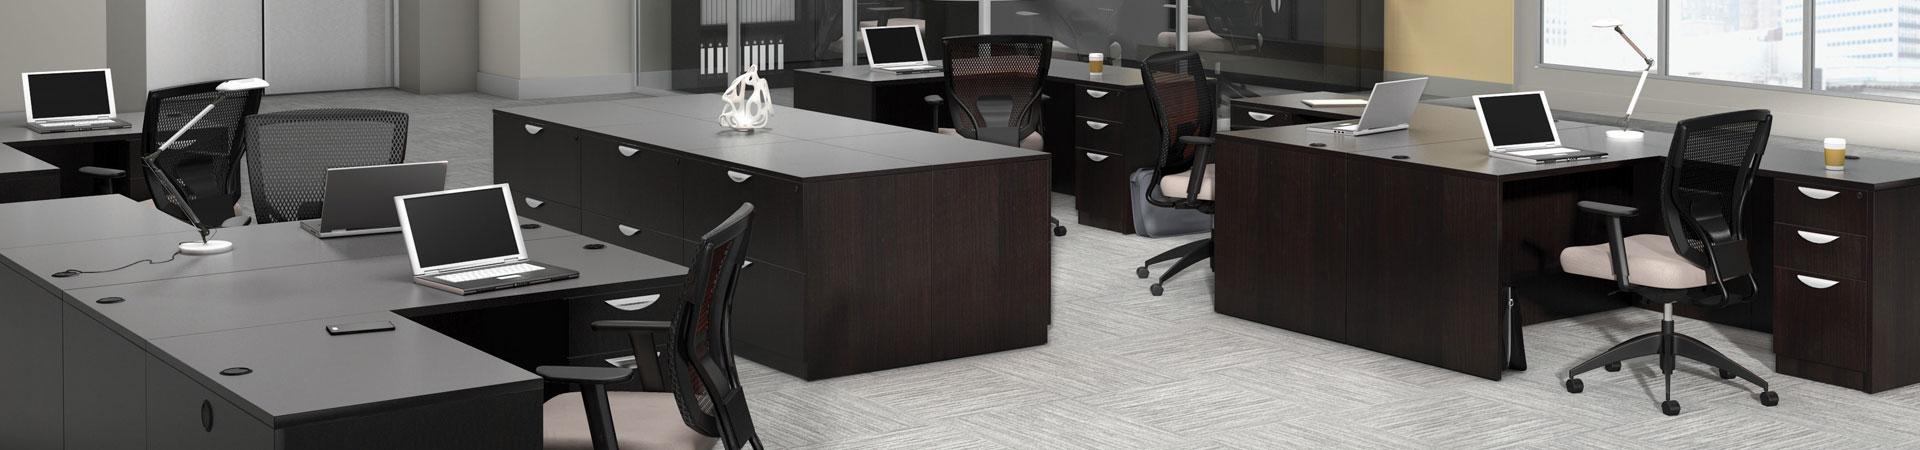 طراحی دکوراسیون محل کار